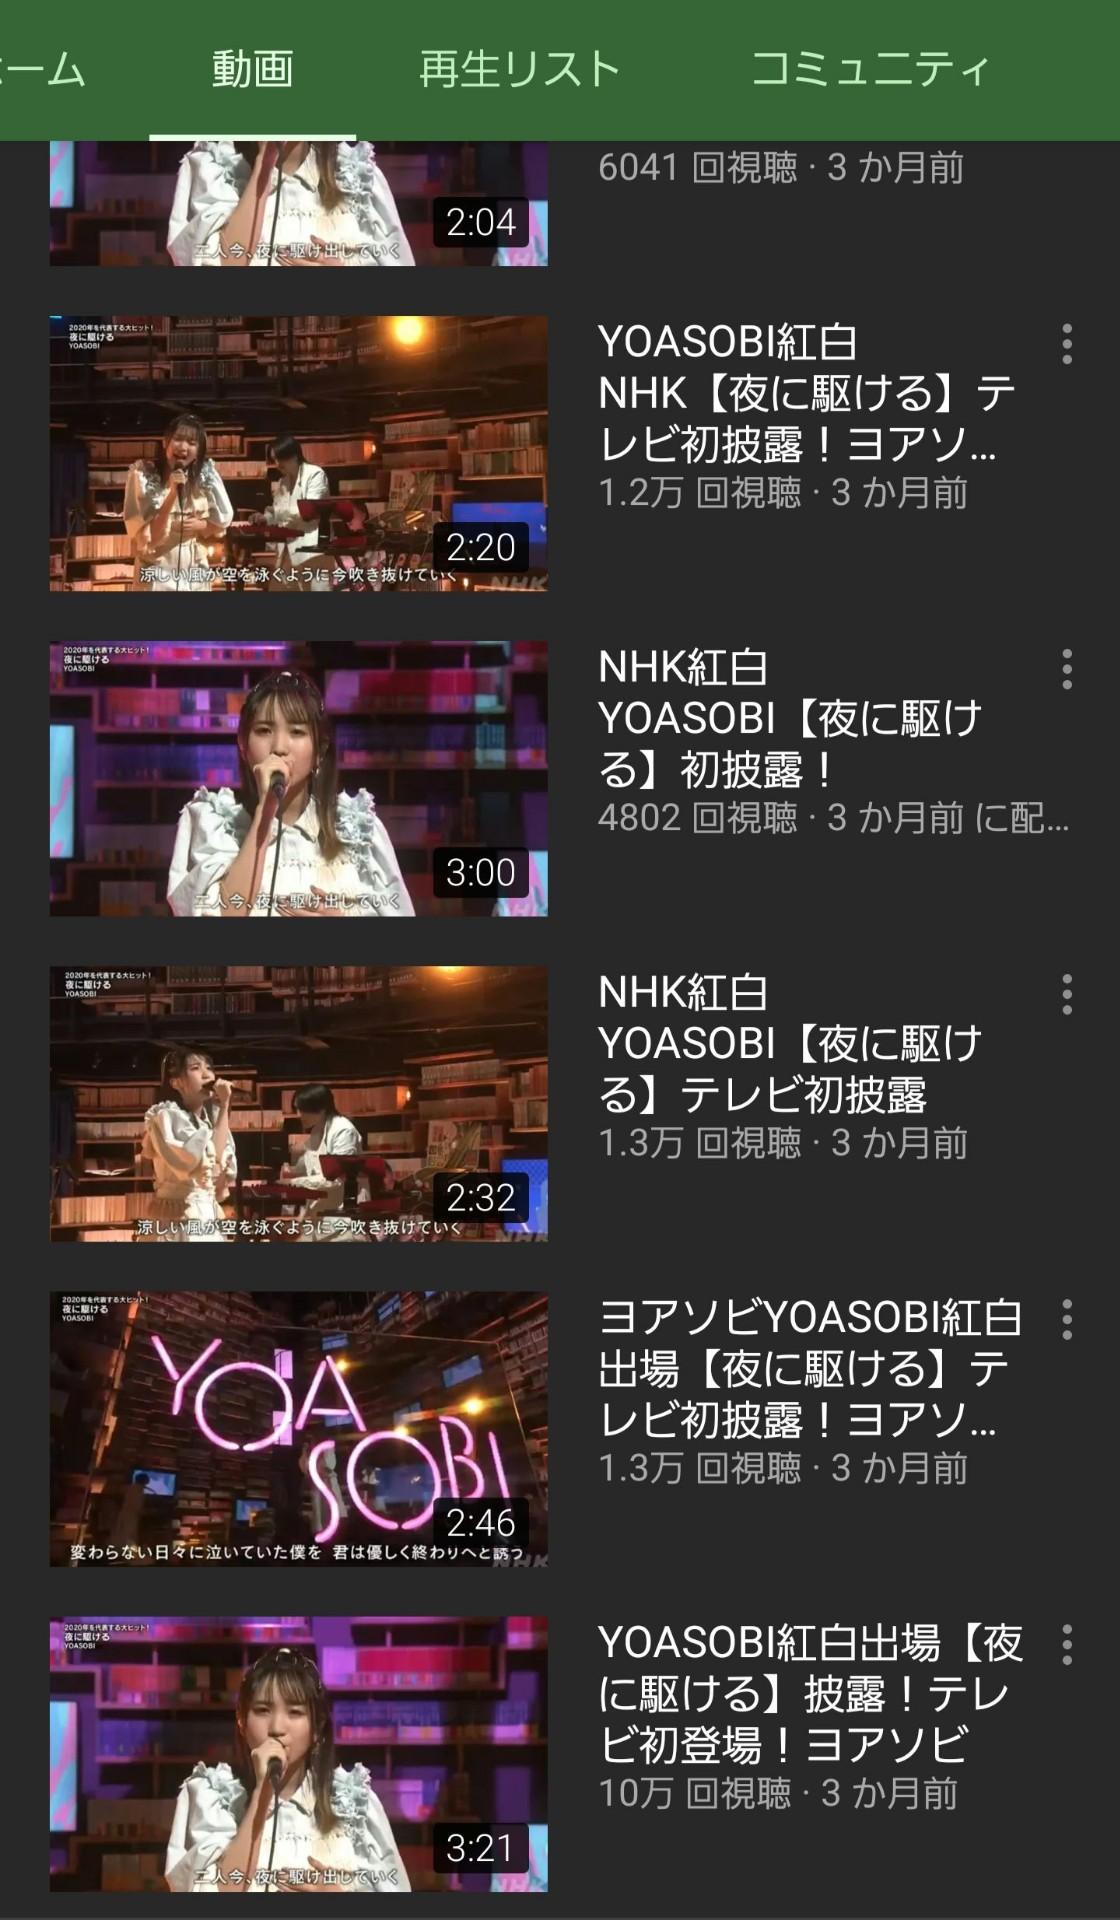 【悲報】 6球団競合の大場翔太さん、YouTubeチャンネルで釣り動画をあげまくって垢BANされる